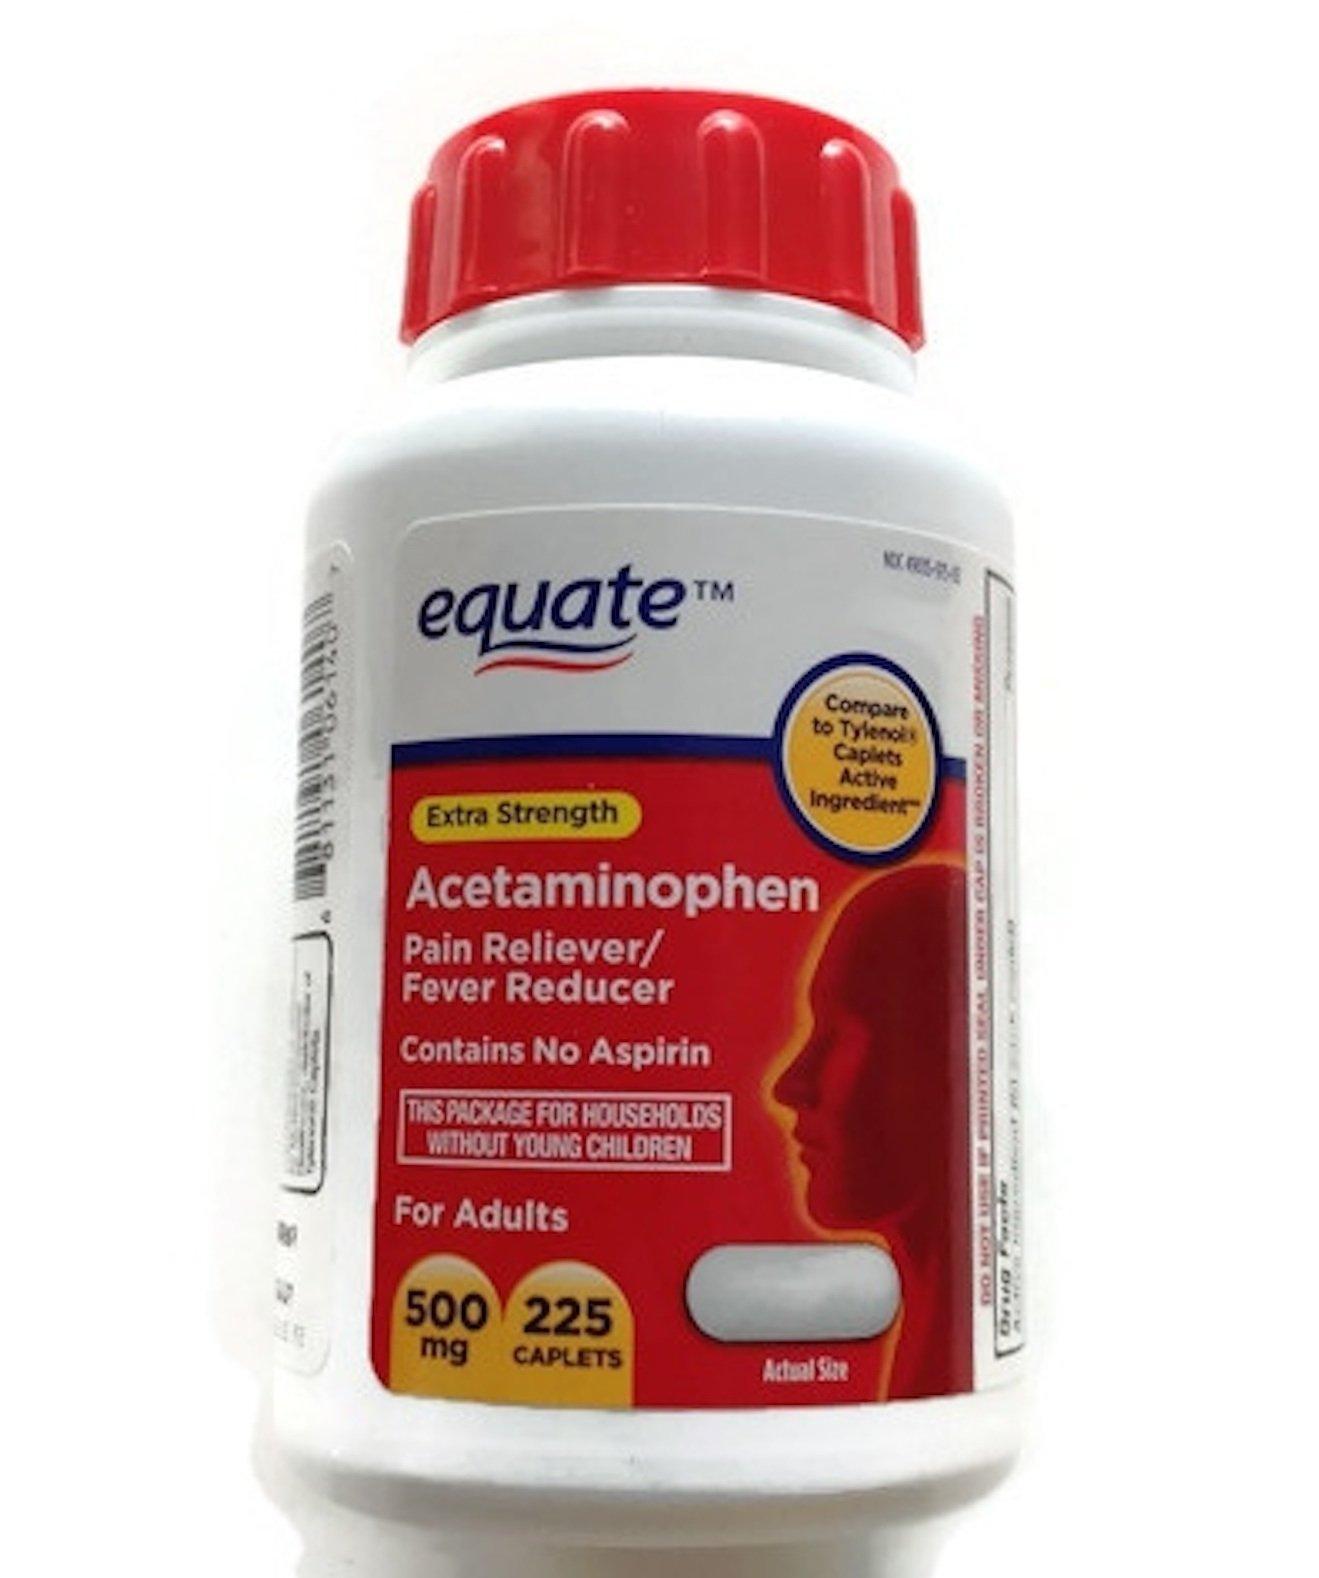 Equate Acetaminophen Extra Strength Pain Reliever/fever Reducer - 500 Mg, 225 Caplets